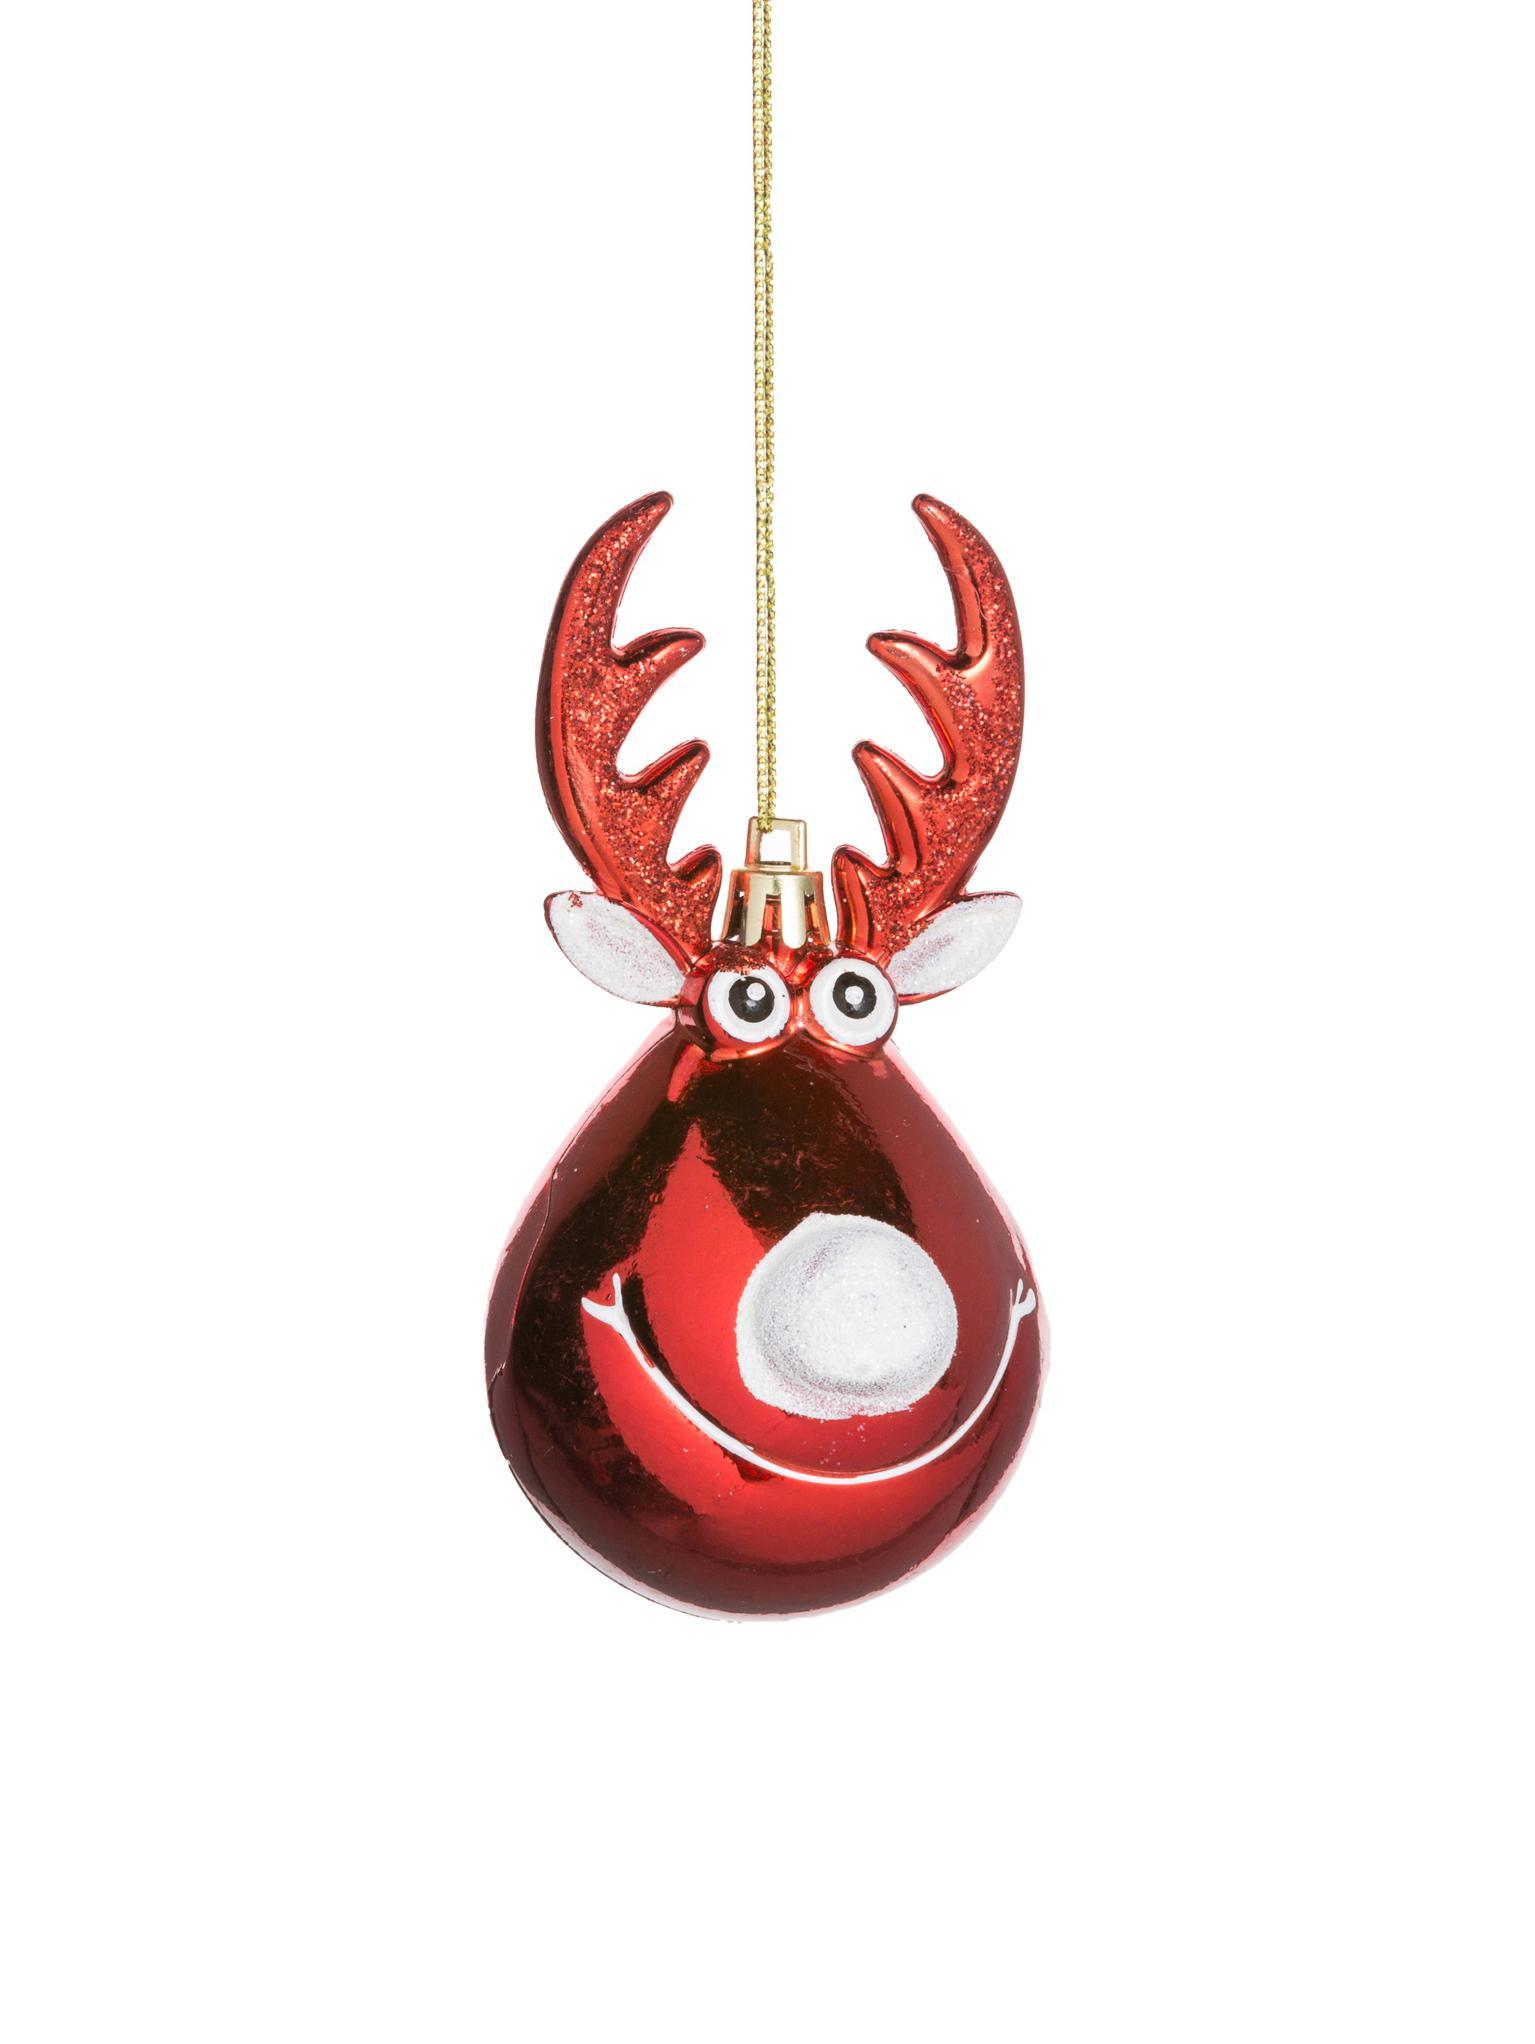 Baumanhänger Rudolph, 2 Stück, Kunststoff, Weihnachtsrot, Weiß, goldfarben, Ø 5 x H 12 cm